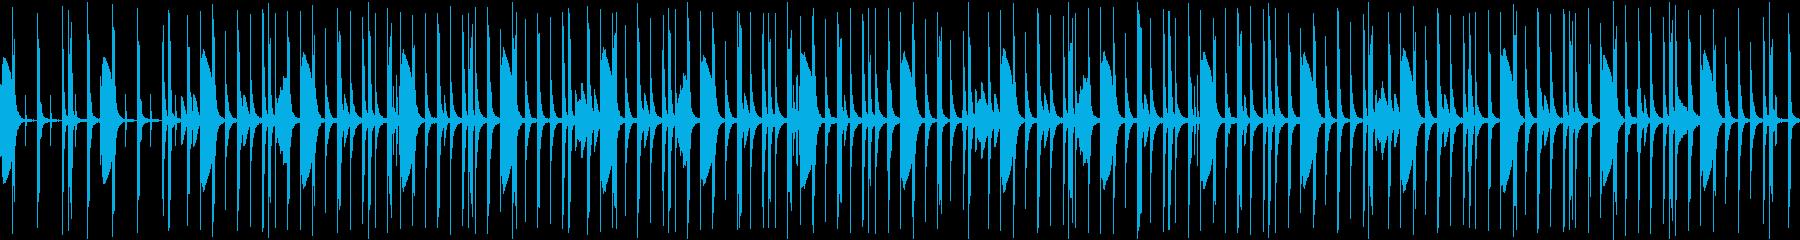 クイズショー、シンキングタイム、ループの再生済みの波形